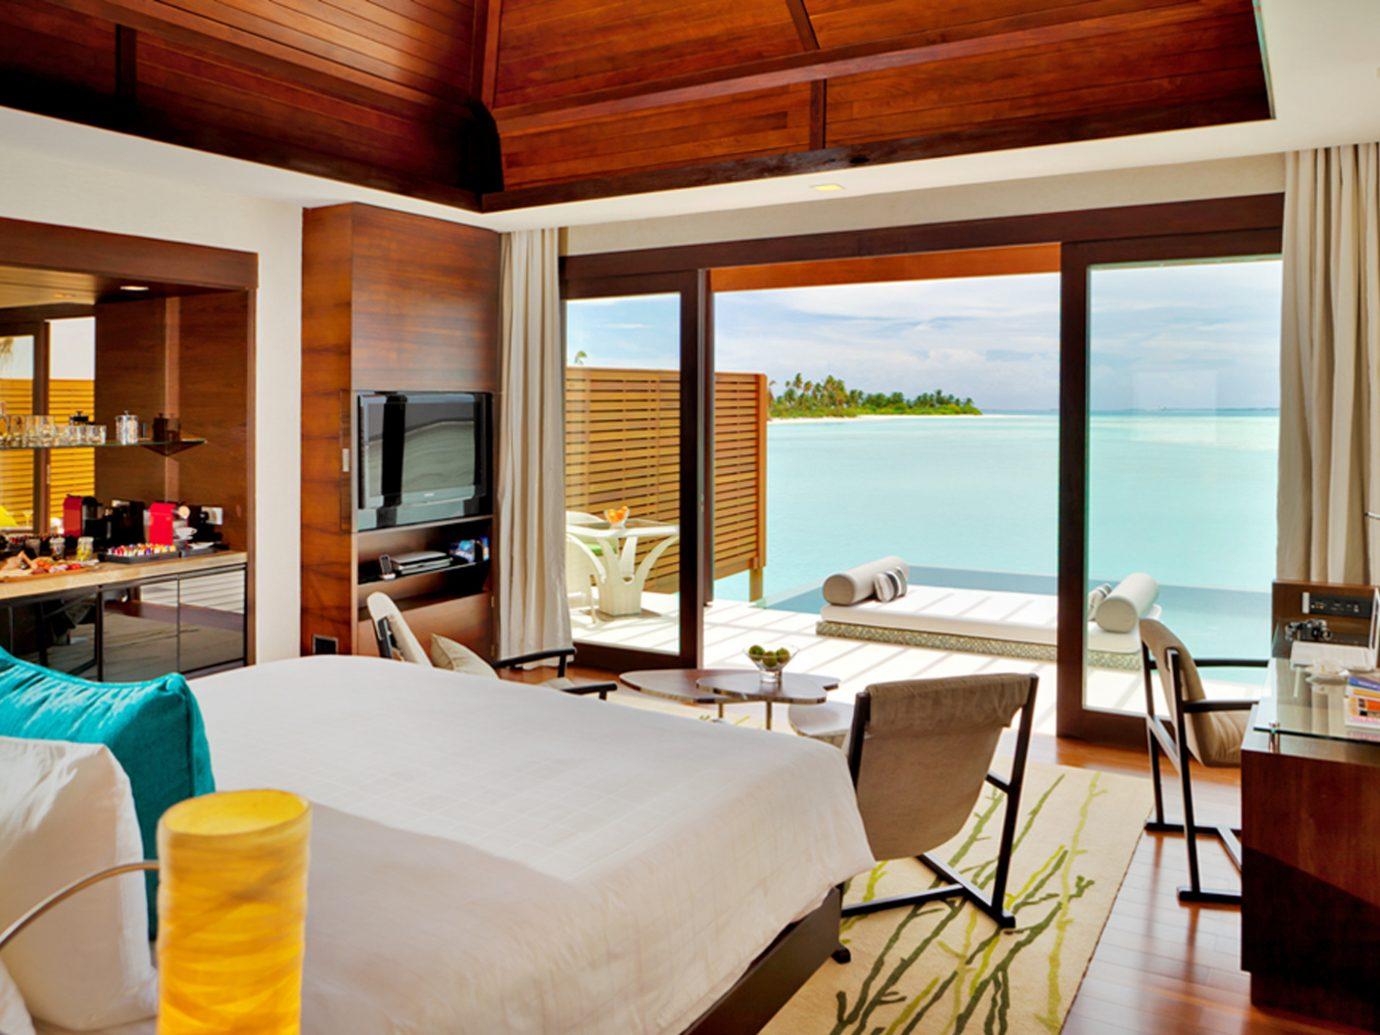 Bedroom at Niyama Private Islands Maldives